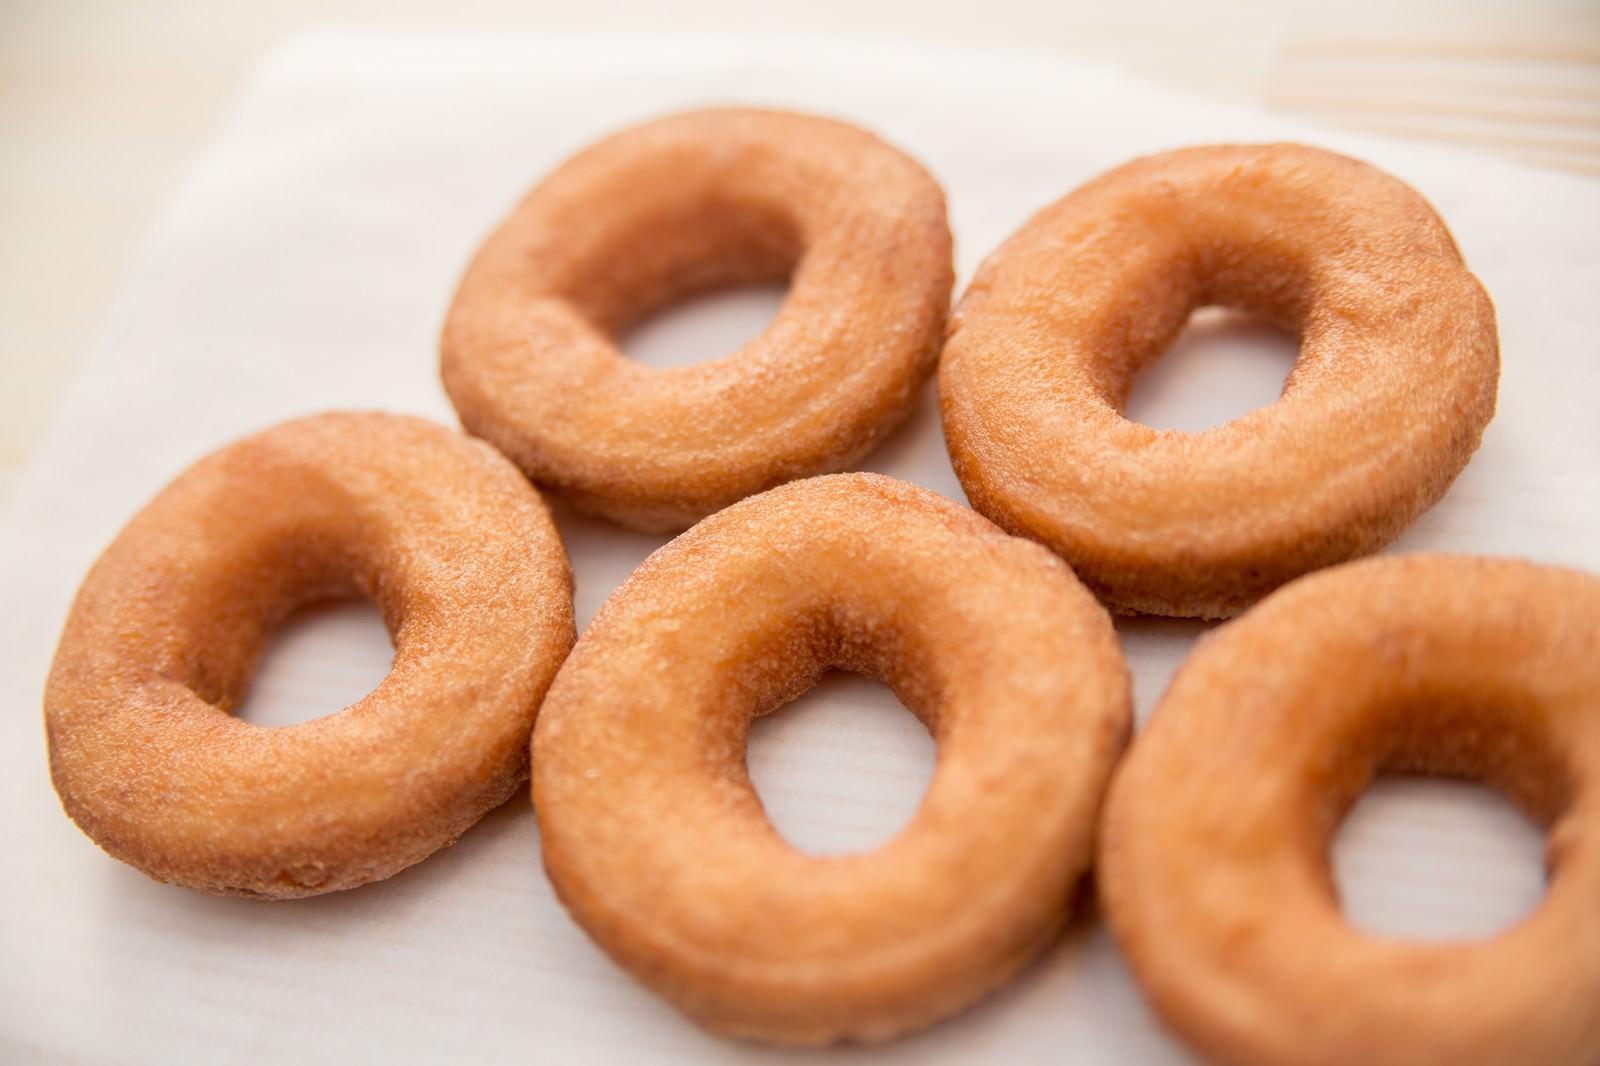 「出来上がったドーナツ | 写真の無料素材・フリー素材 - ぱくたそ」の写真